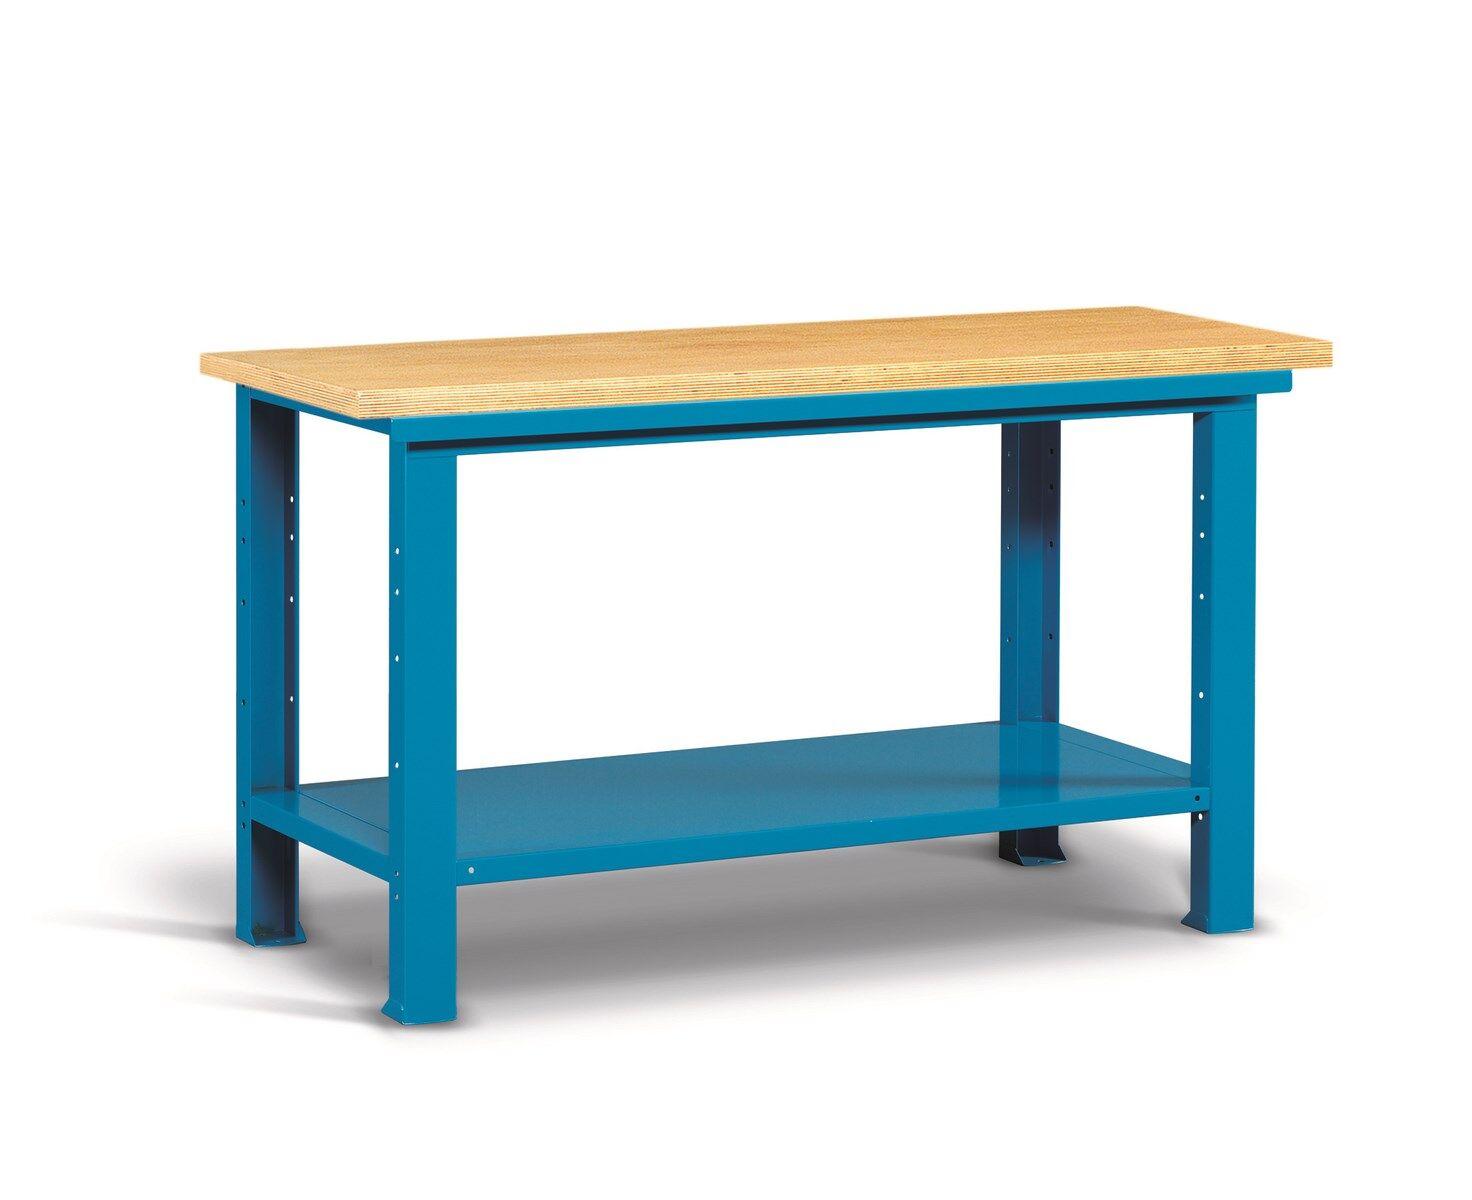 SETAM Etabli d'atelier plateau bois 1m50